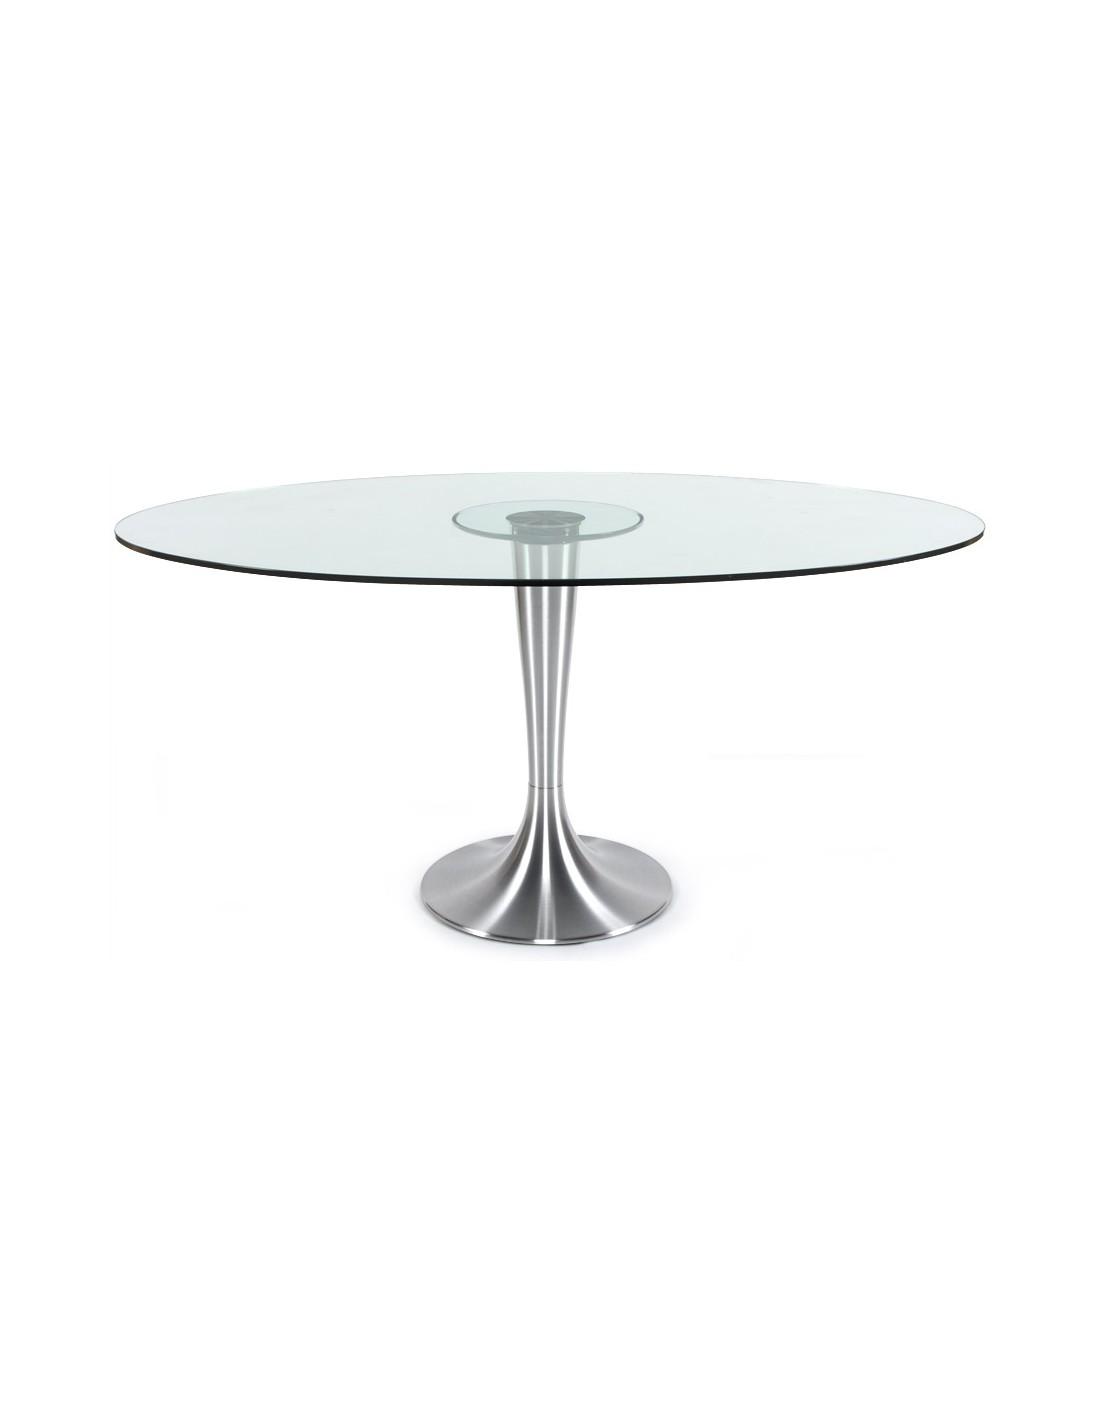 table a manger ovale en verre couleur principale tranparent